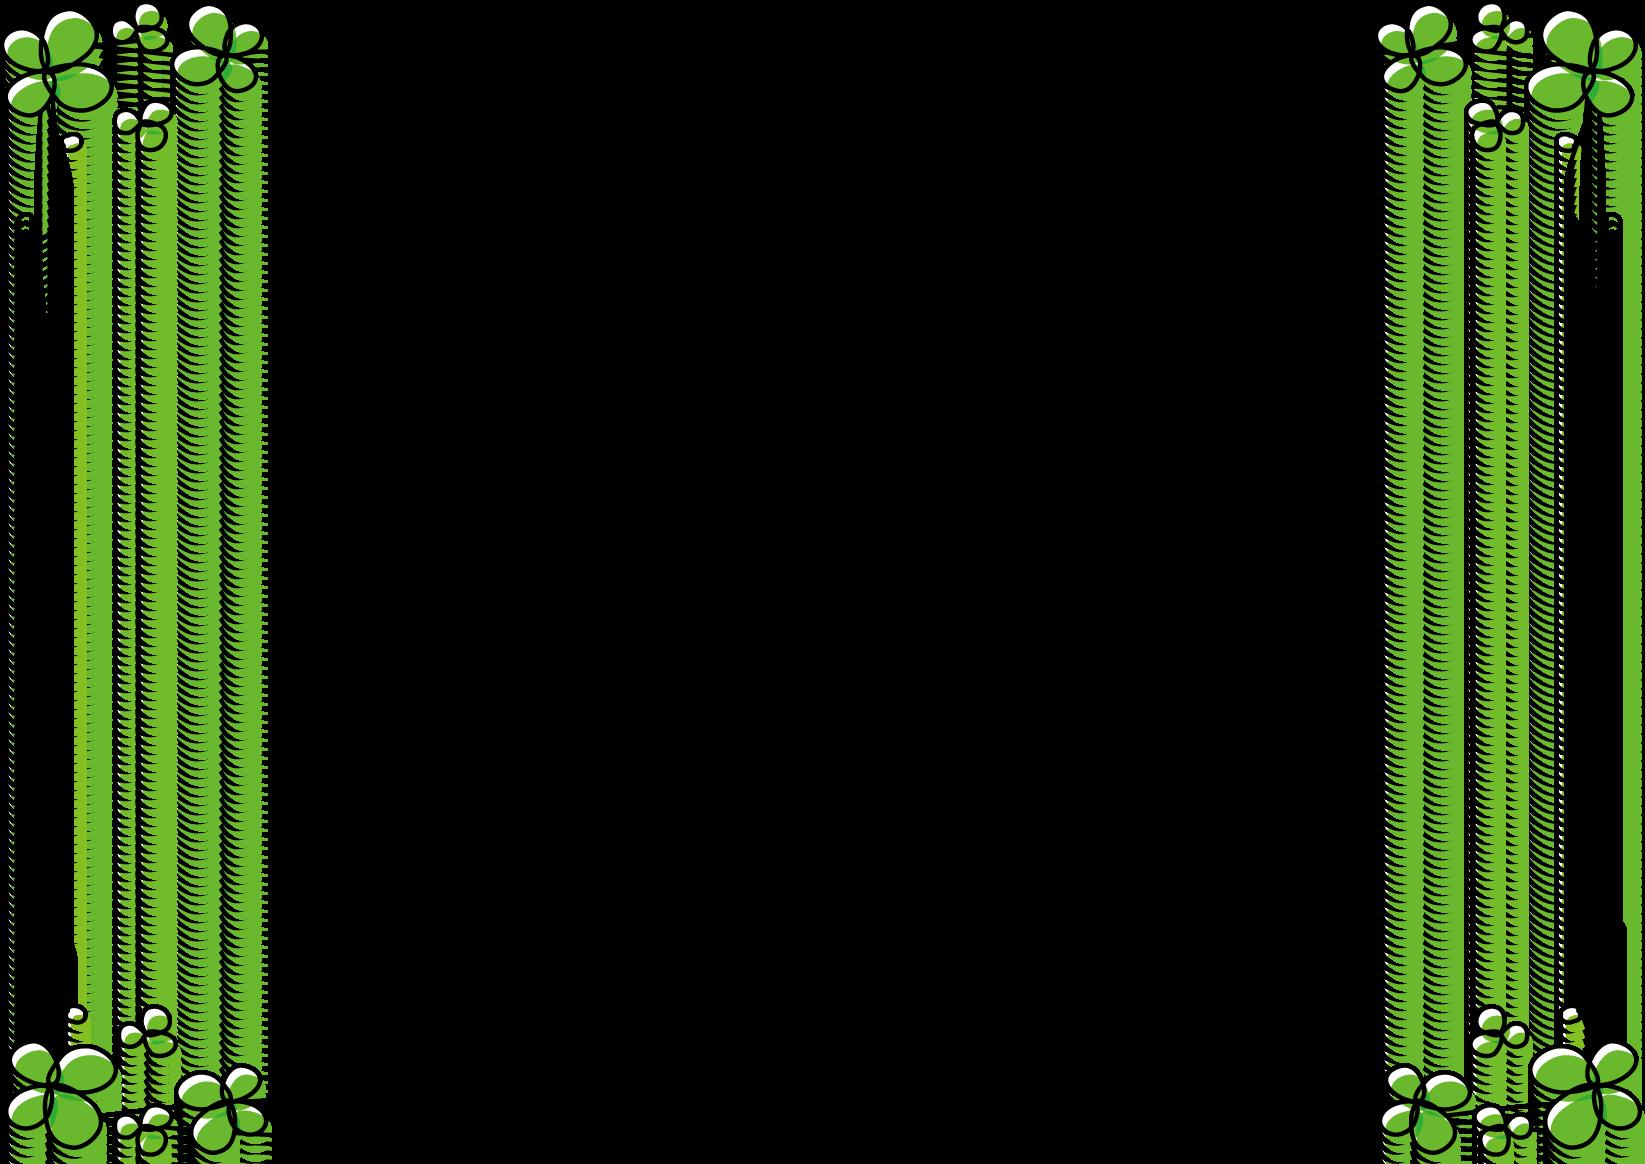 枠 枠 飾り枠 飾り罫 飾り線 飾り枠 無料 イラスト 素材 フレーム 無料